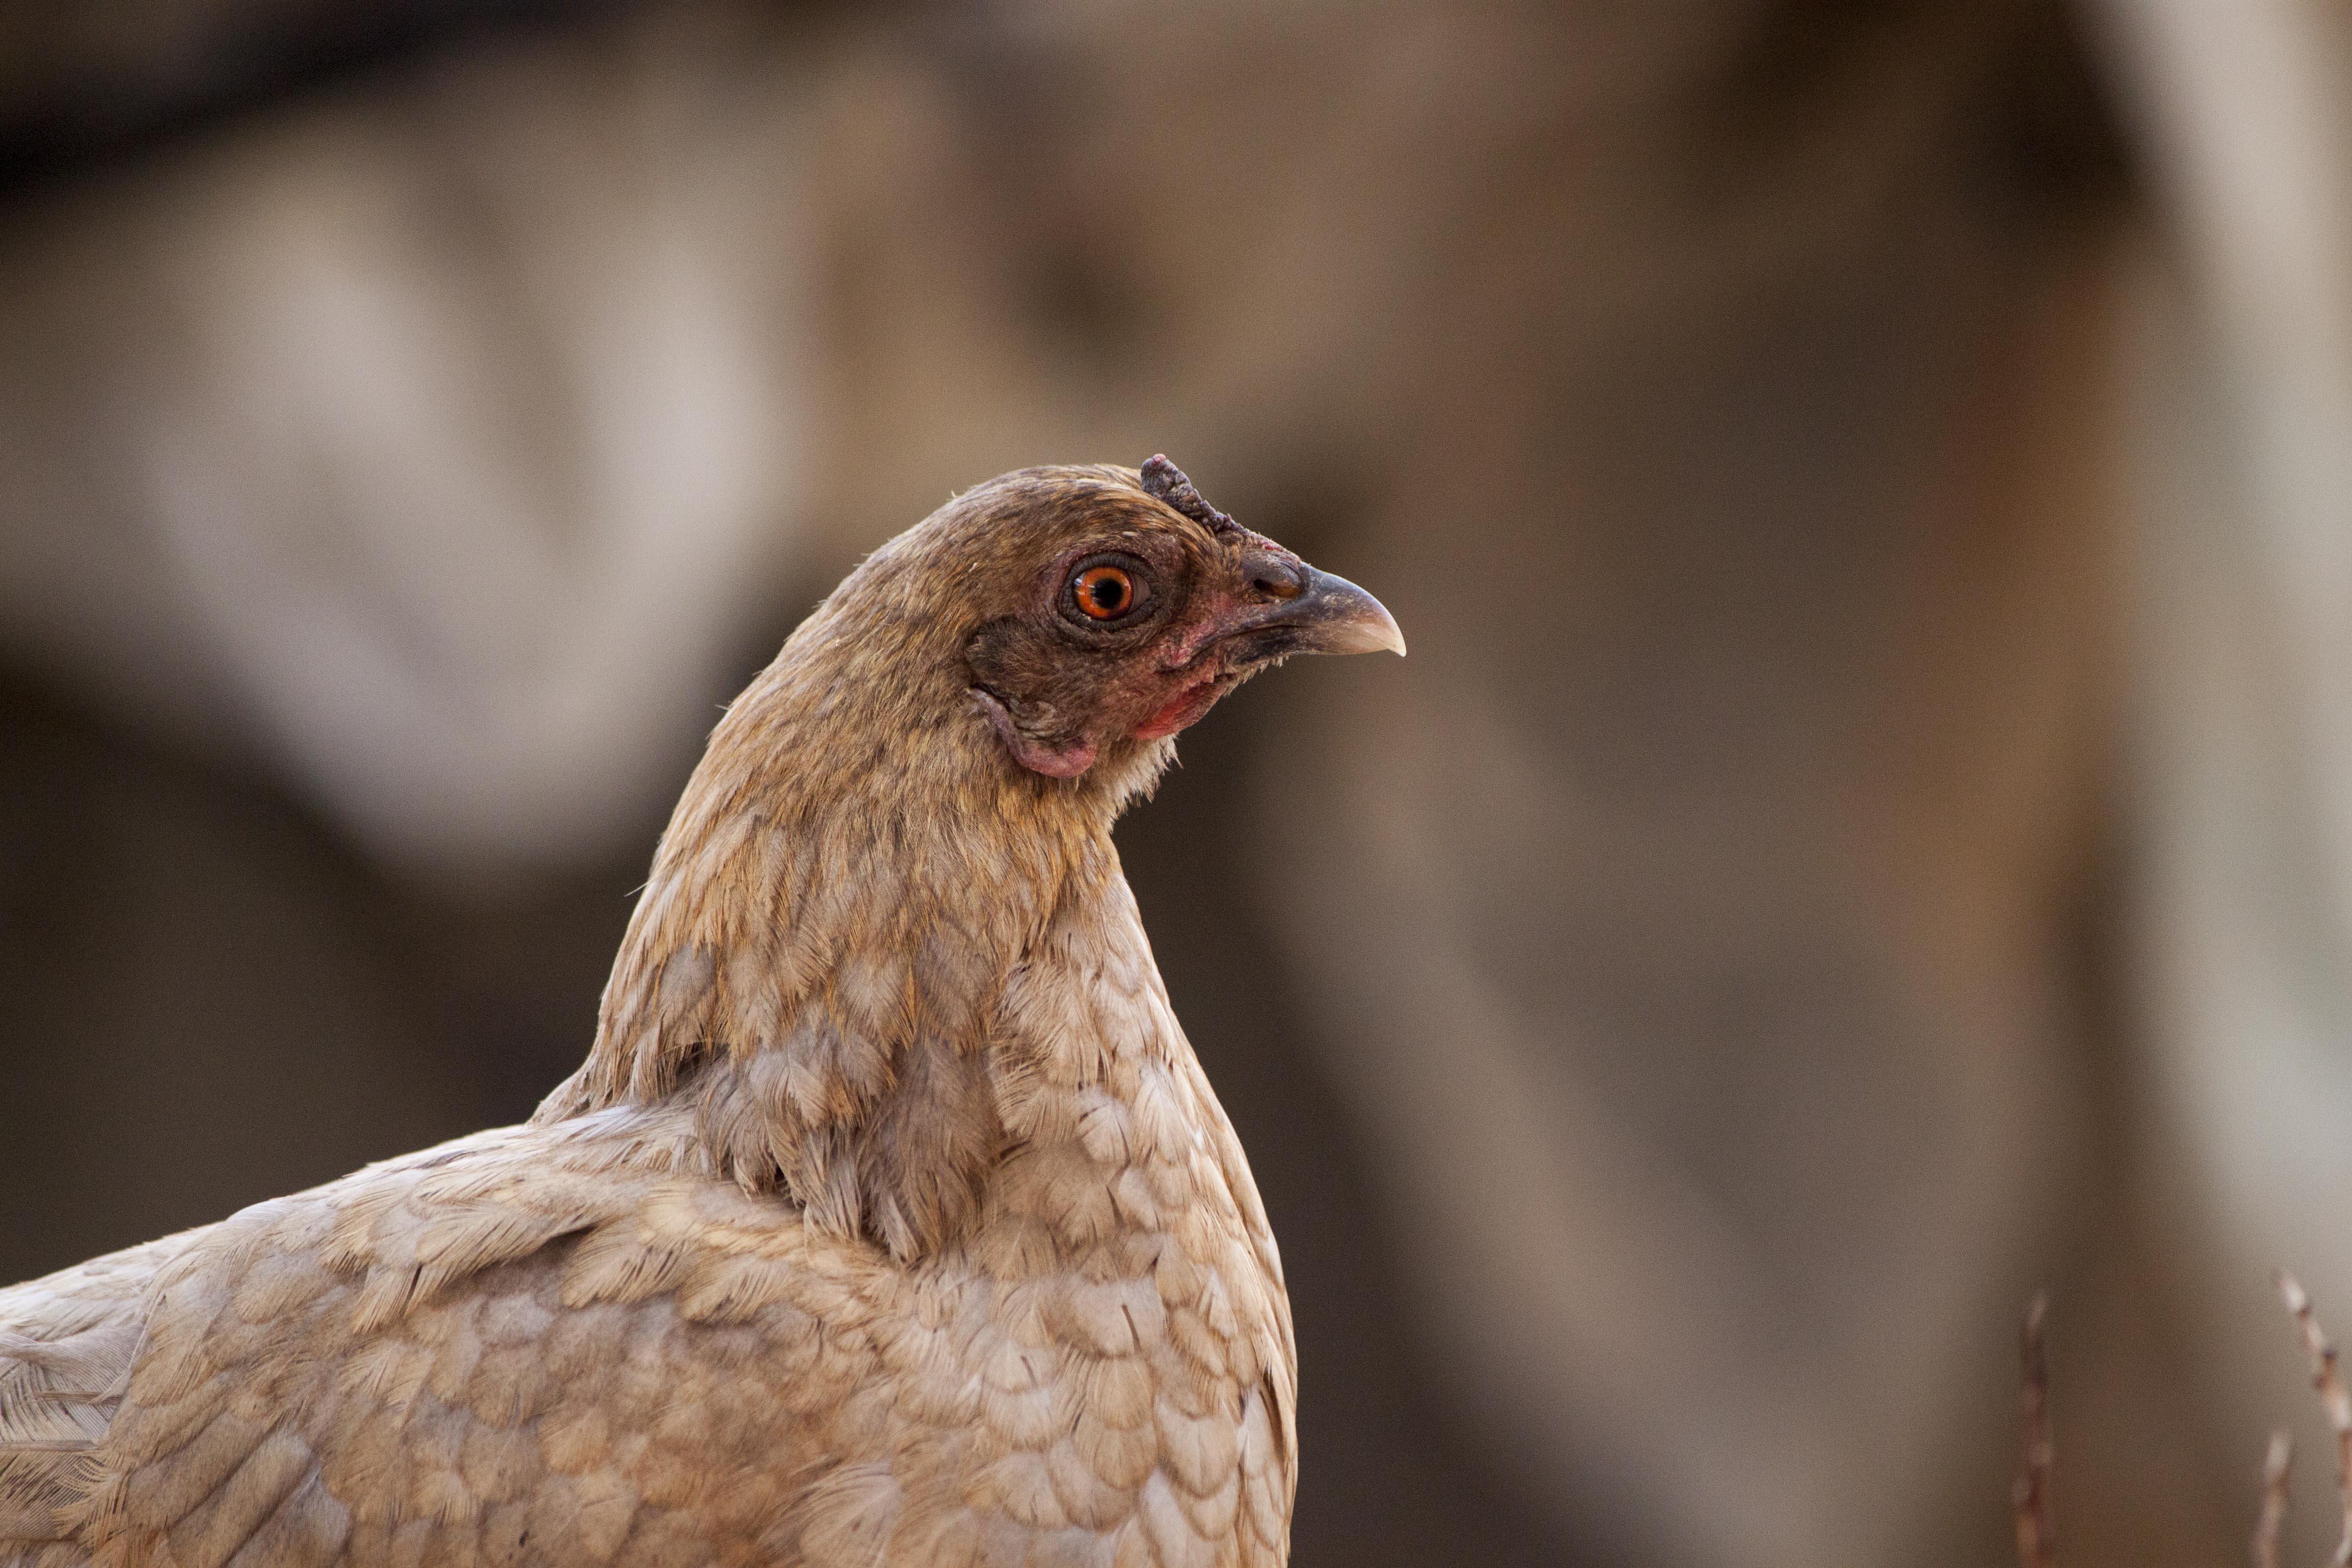 A suspicious looking chicken photo